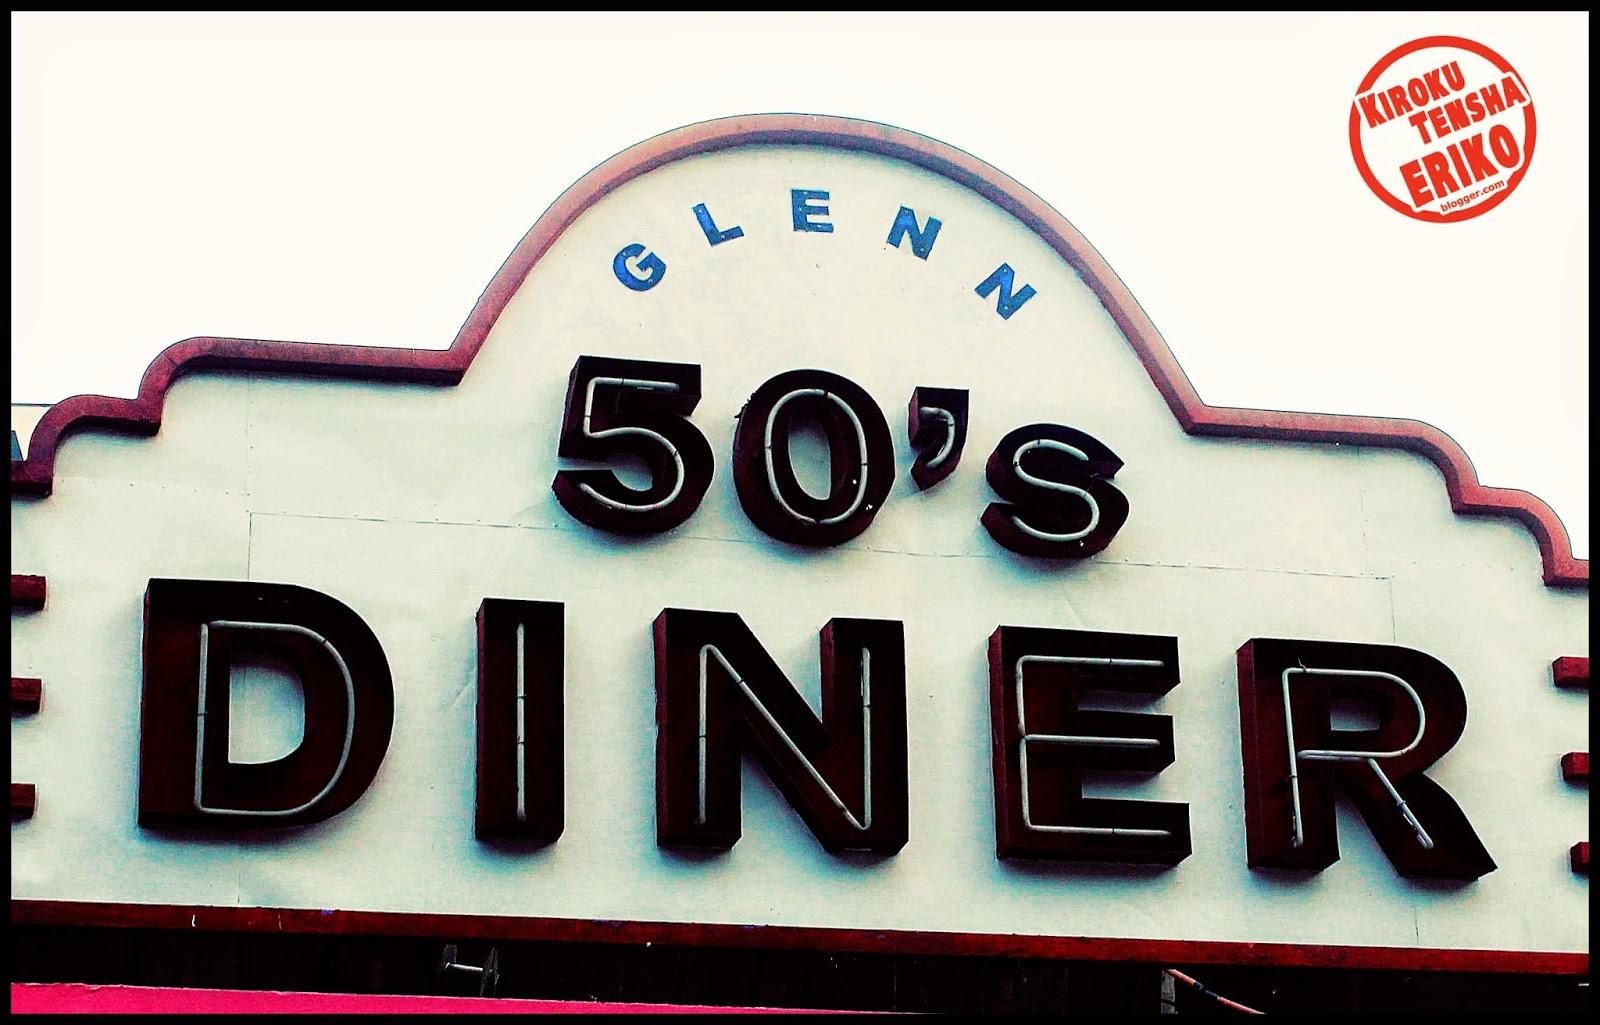 GLENN 50'S DINER